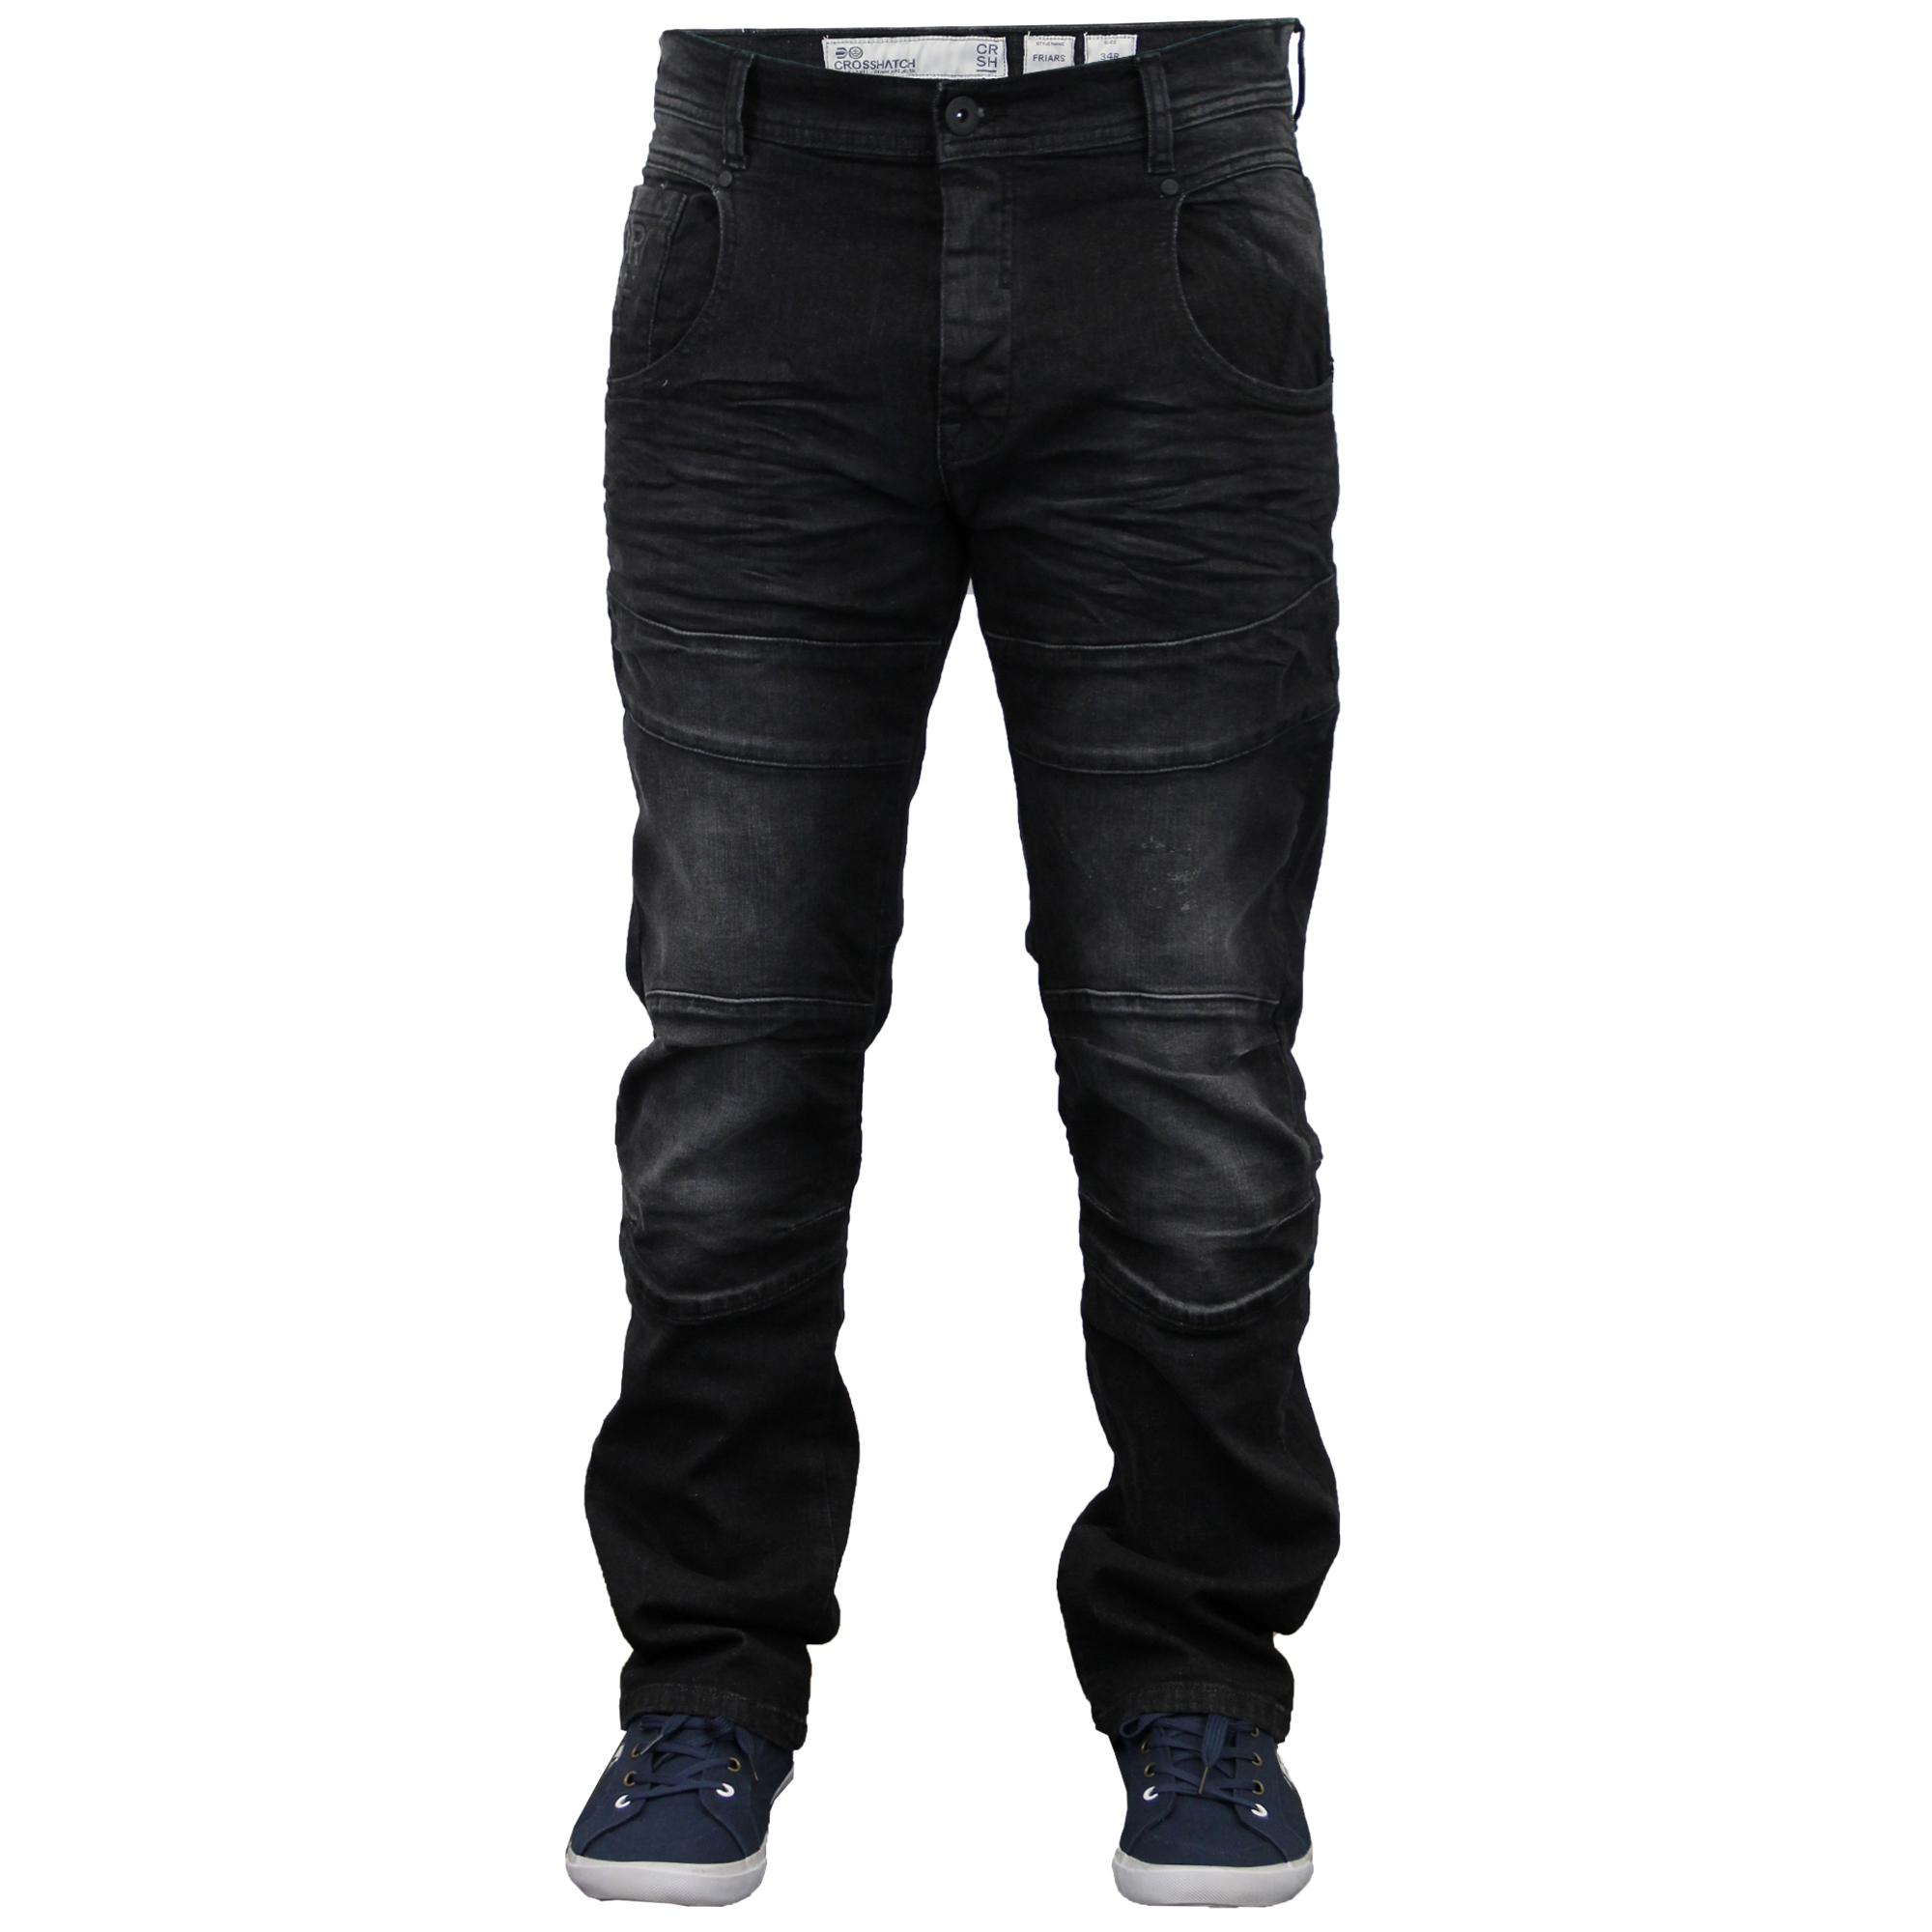 mens cargo combat pants denim jeans by crosshatch